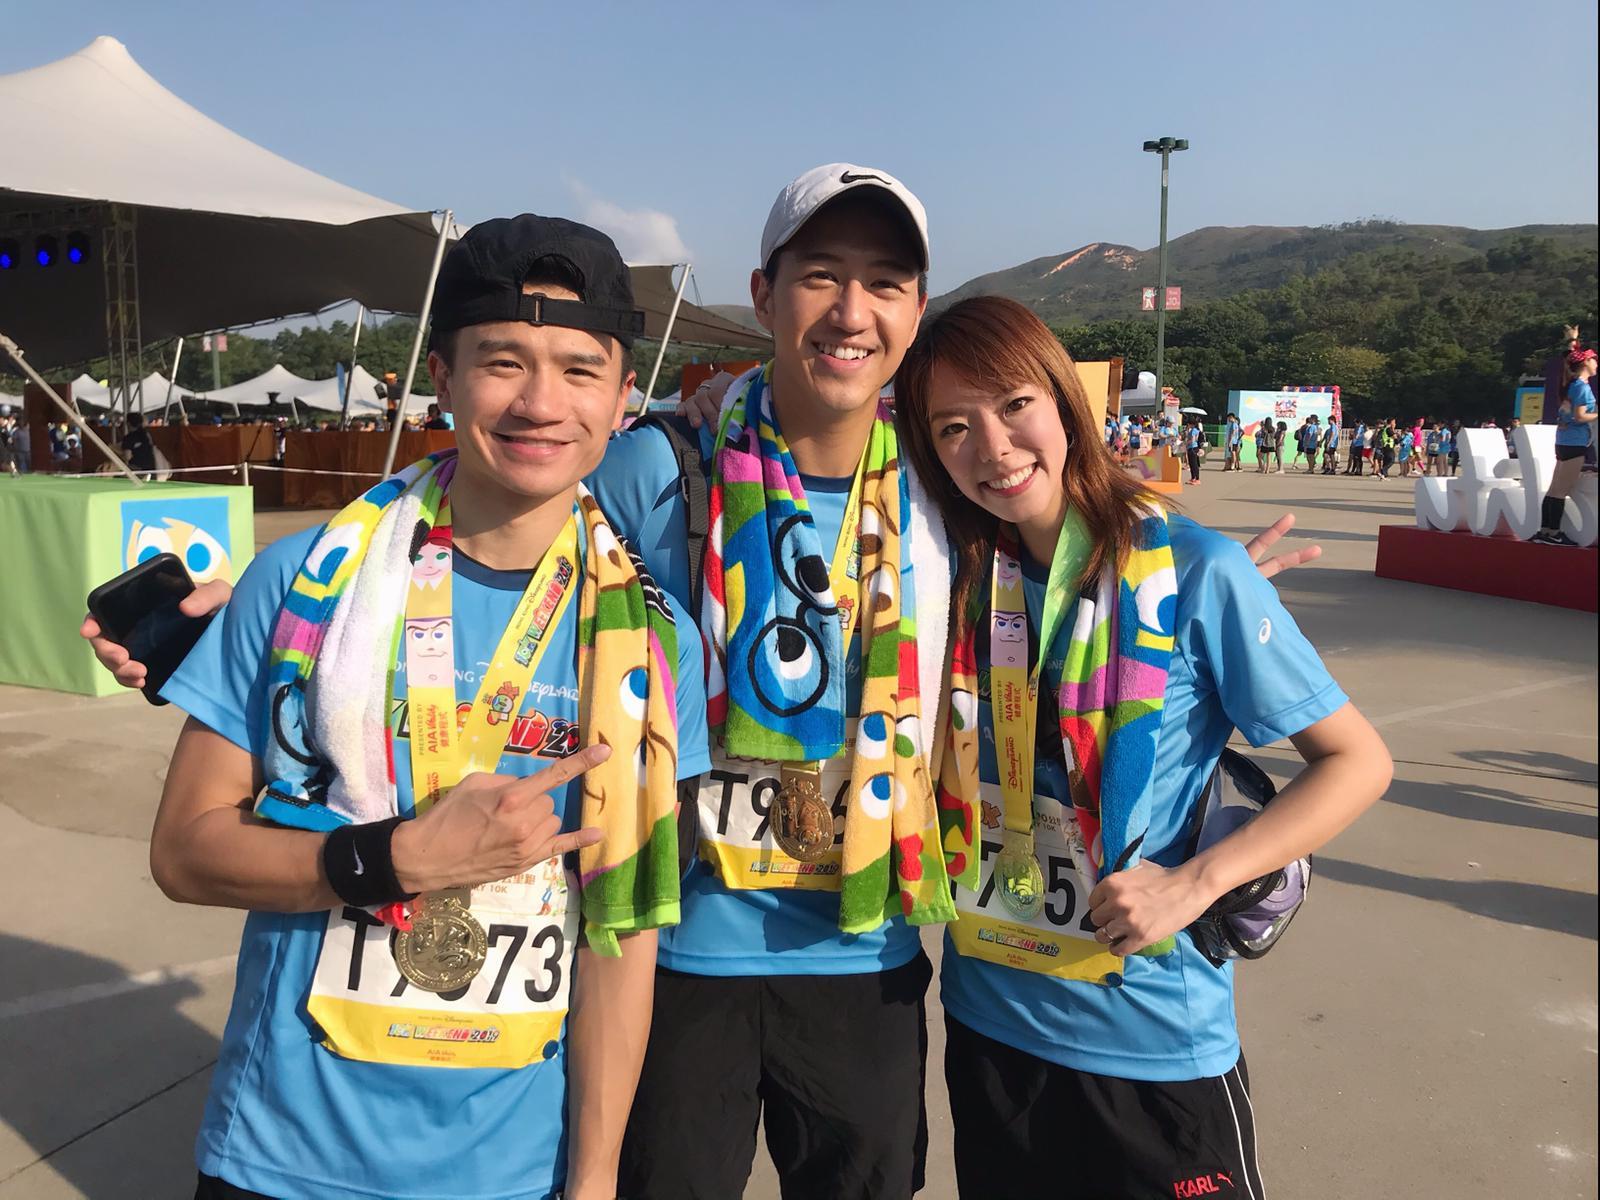 J.Arie笑言有釗鋒(左)和馮允謙(中)陪跑好感動。